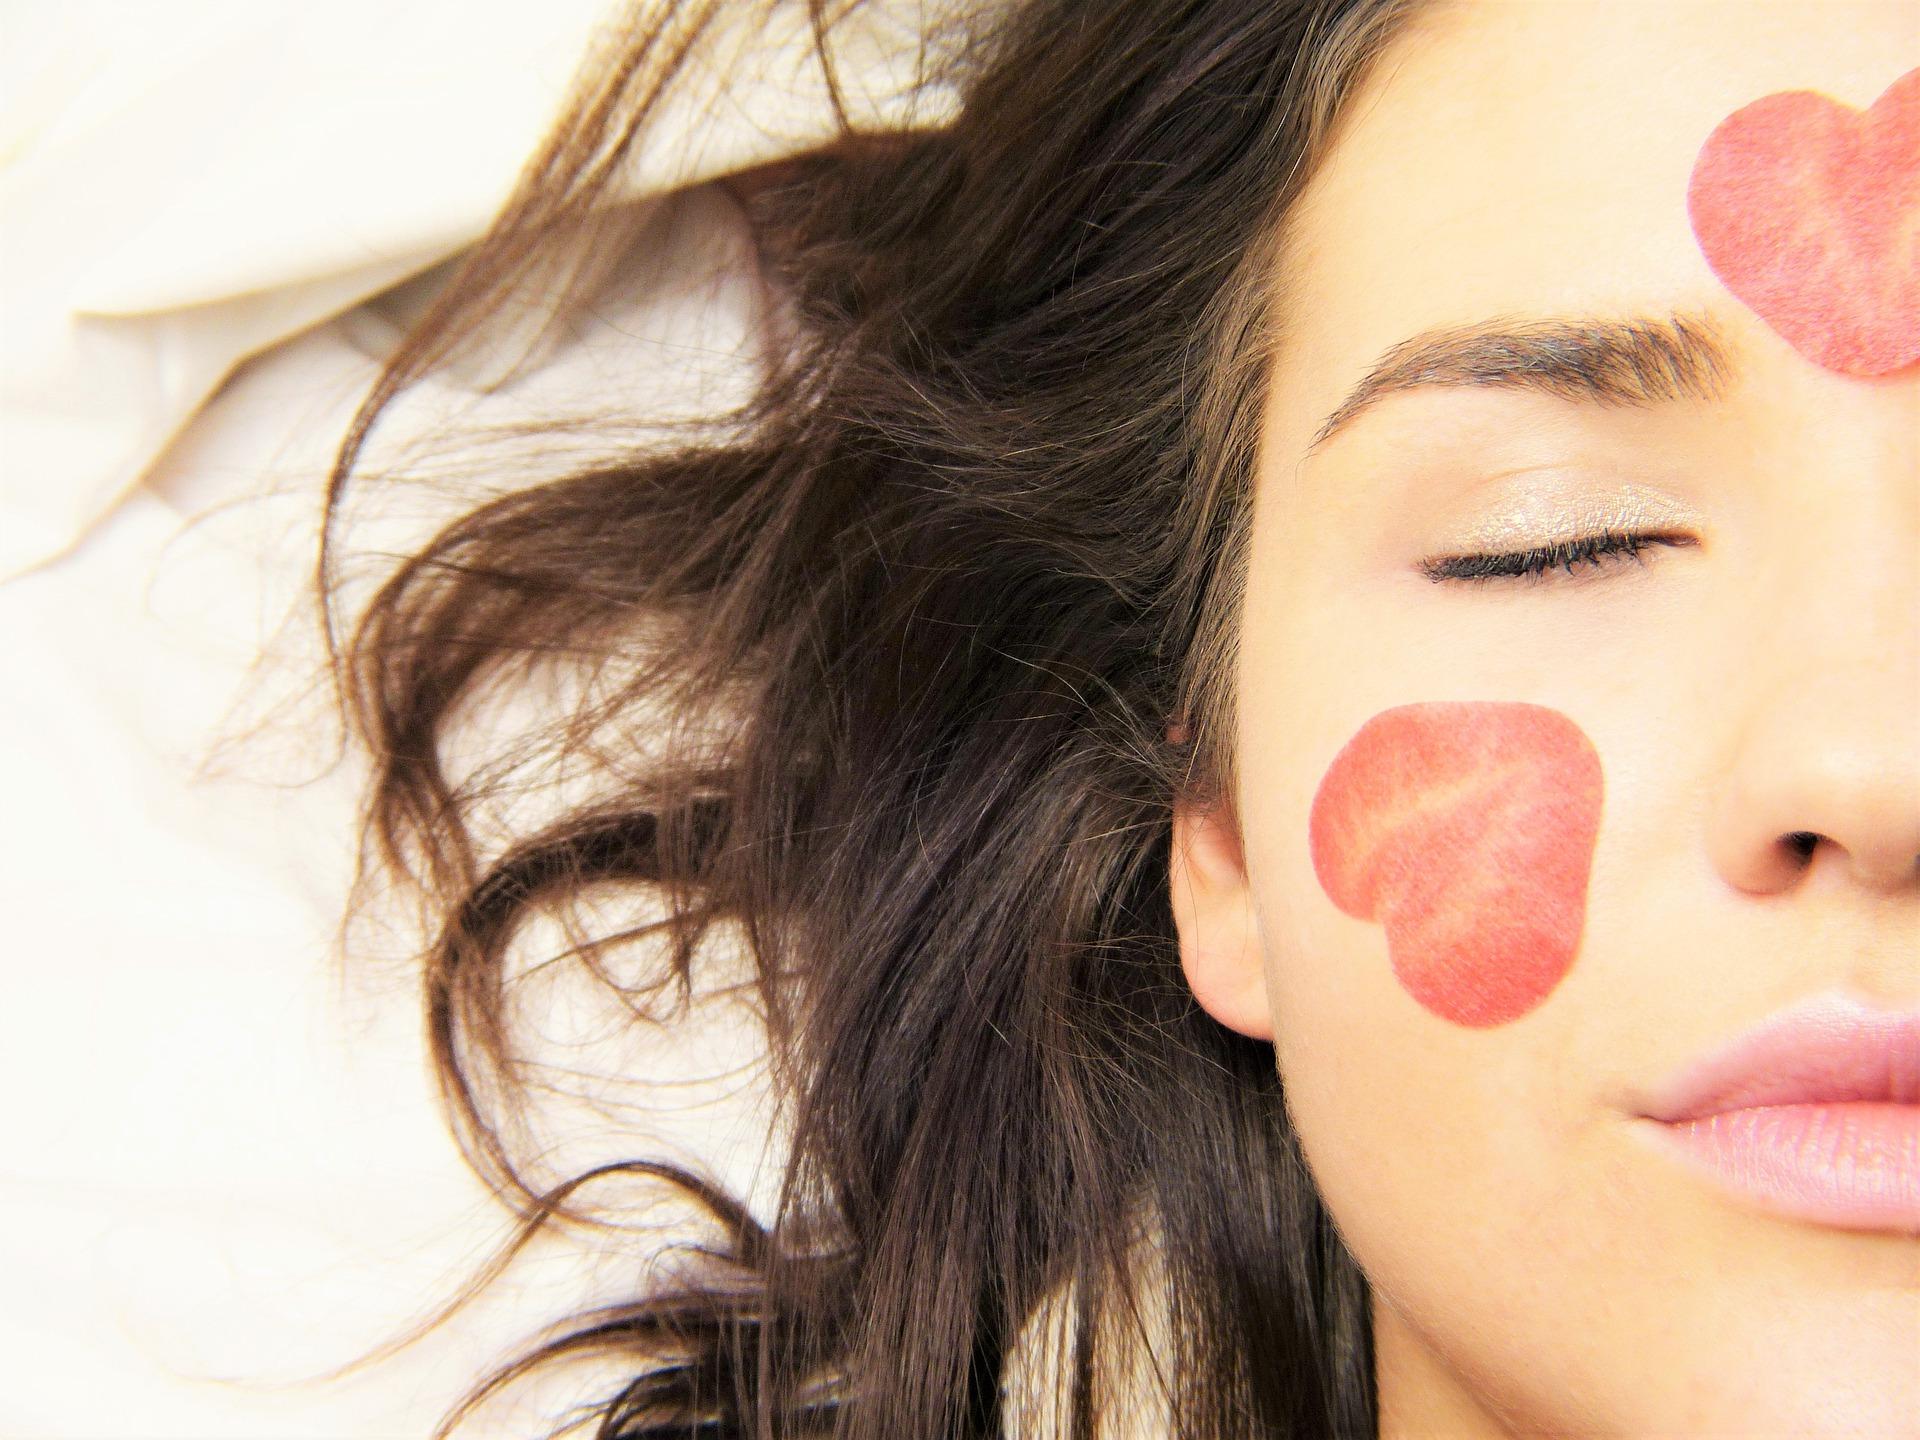 5 Mascarillas faciales para lucir un rostro radiante cuando finalice el confinamiento